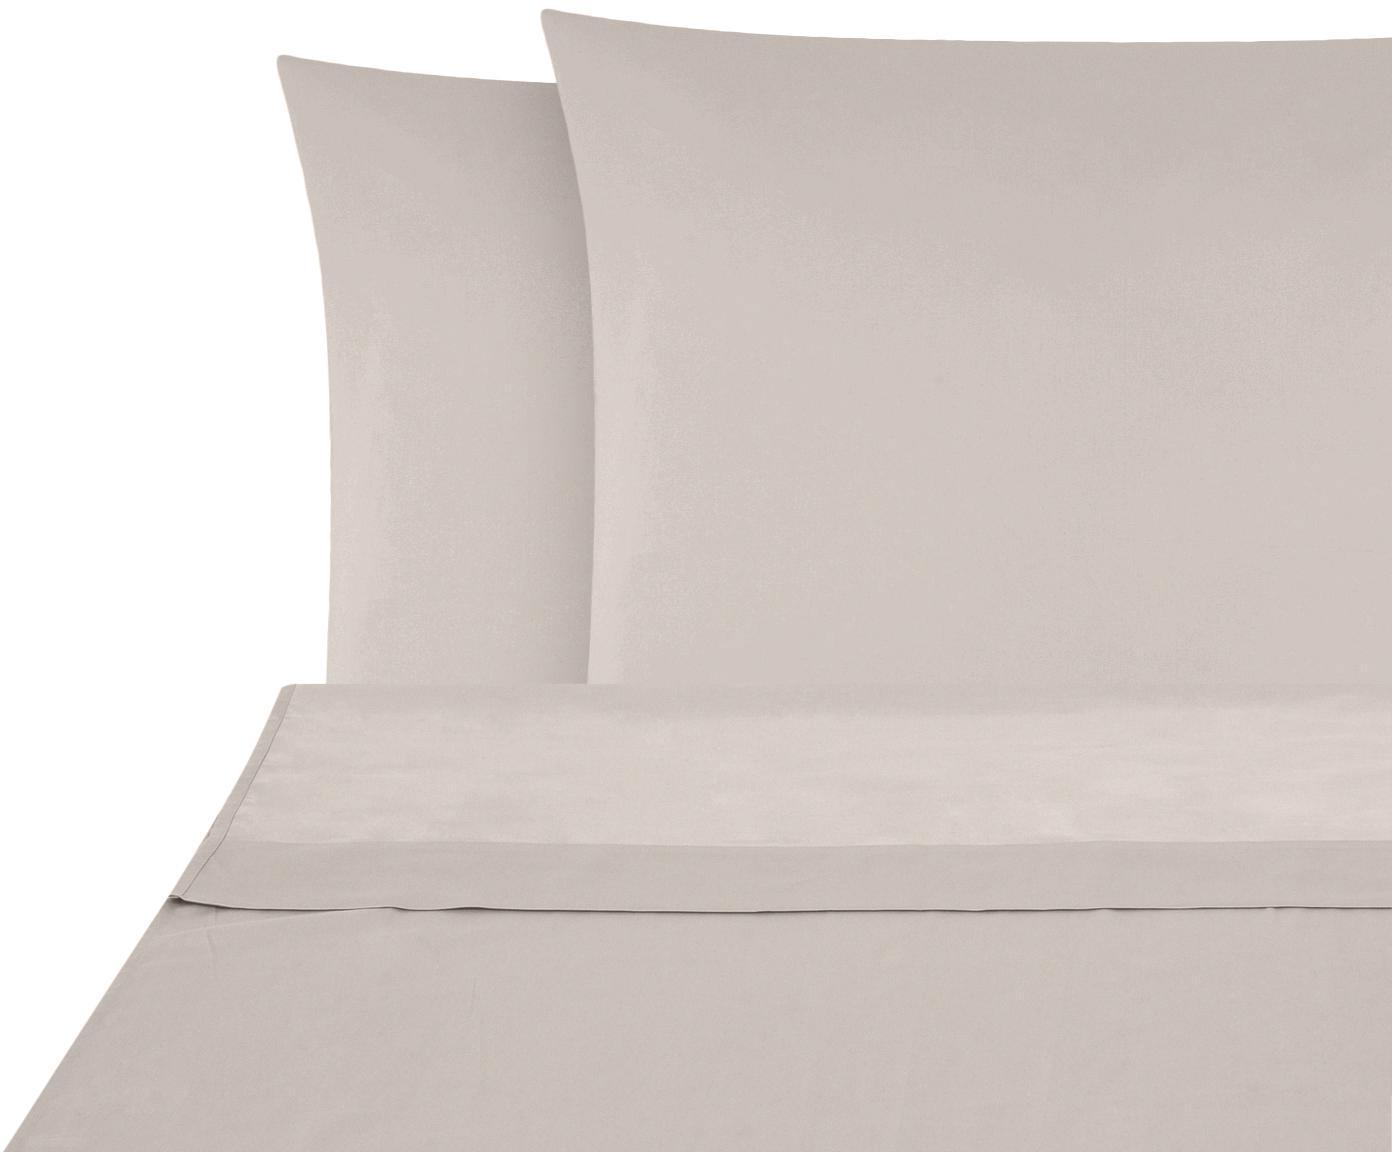 Set lenzuola in raso di cotone Comfort 2 pz, Tessuto: raso Densità del filo 250, Taupe, 240 x 300 cm